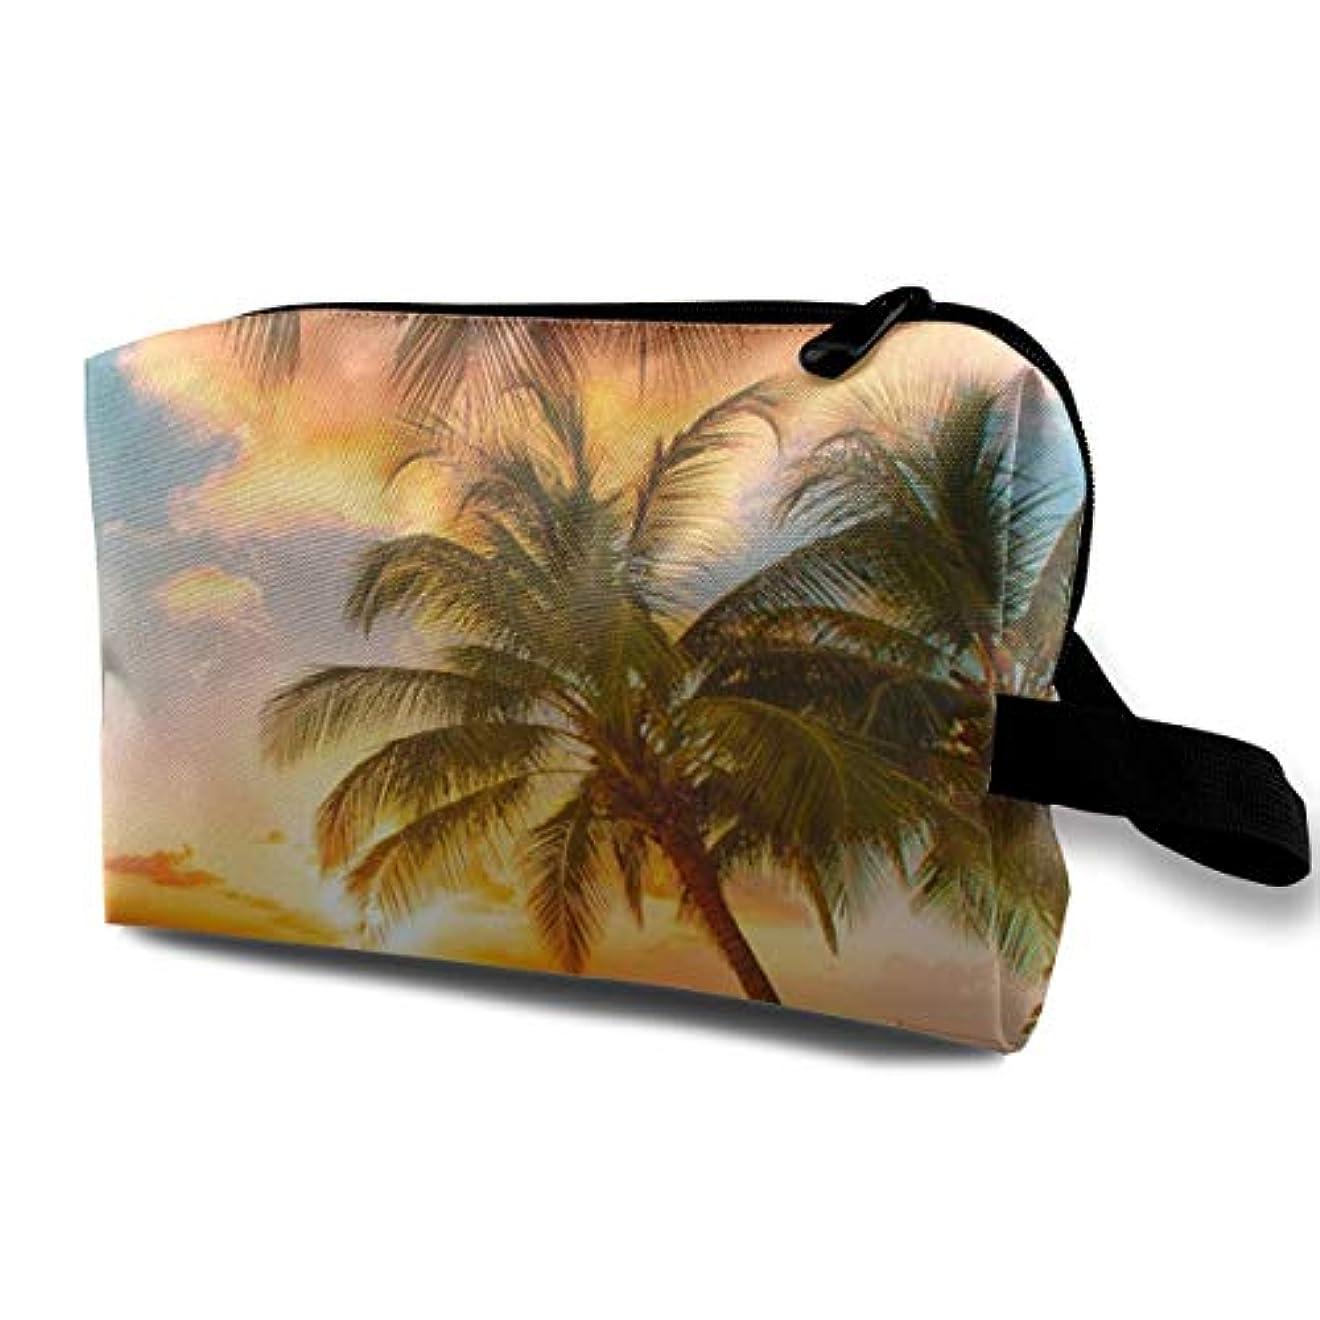 タフアルバム気質Tropical Palm Tree Ocean Beach Hawaii Summer Sunset 収納ポーチ 化粧ポーチ 大容量 軽量 耐久性 ハンドル付持ち運び便利。入れ 自宅?出張?旅行?アウトドア撮影などに対応...